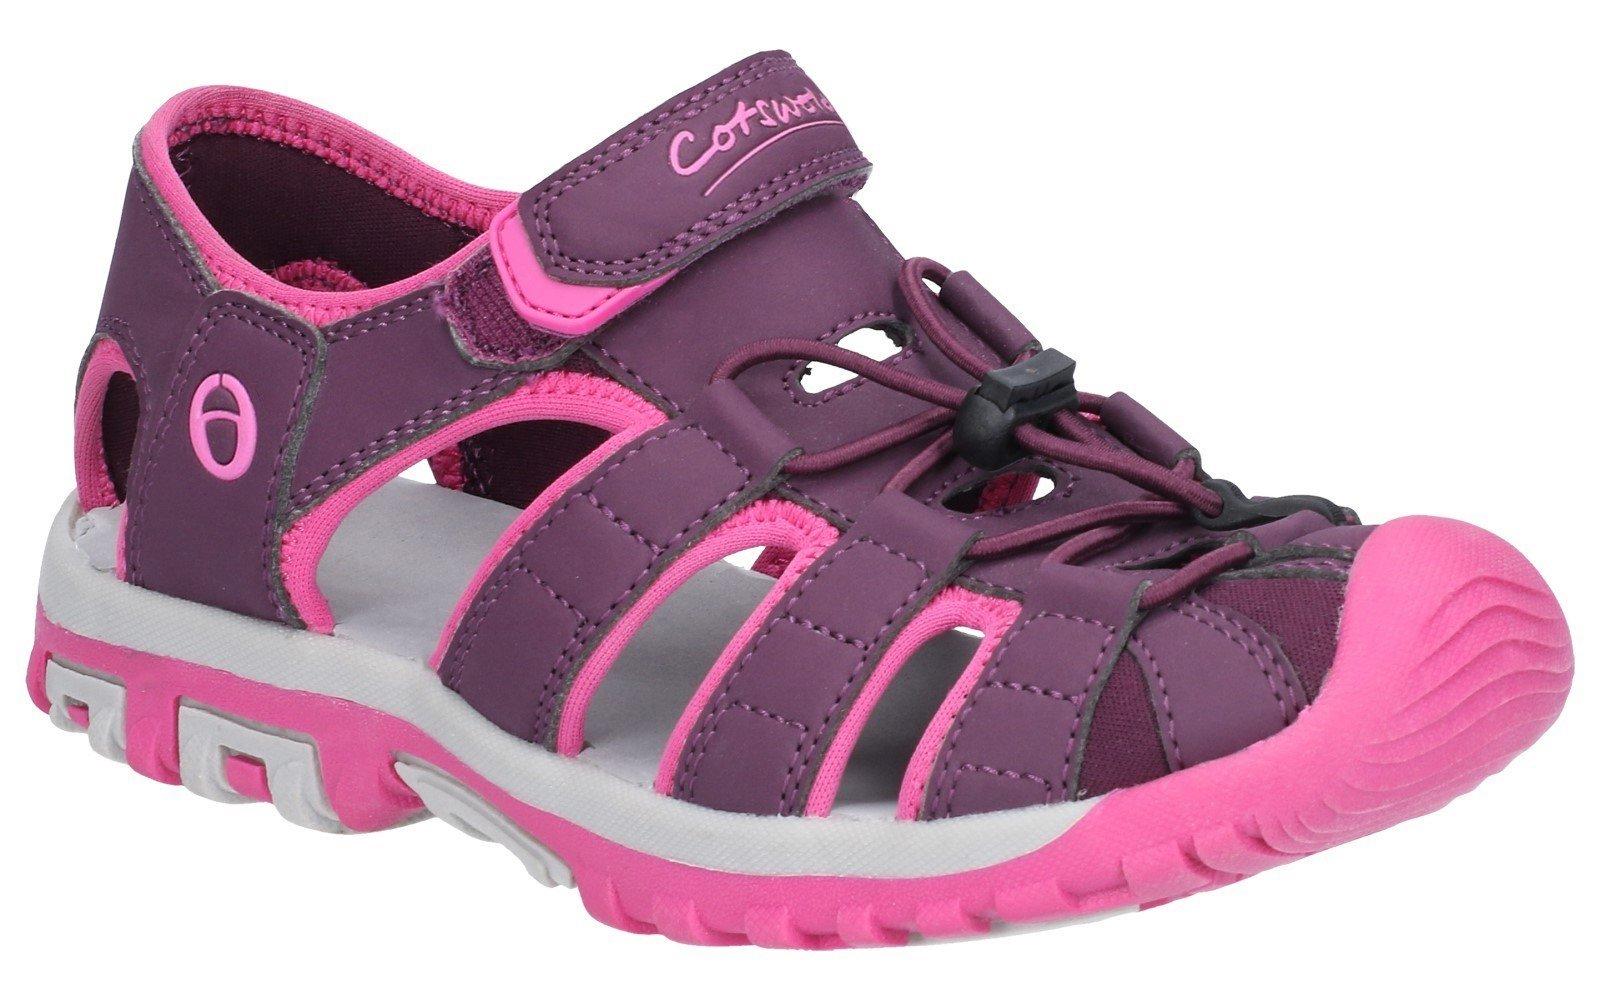 Cotswold Women's Tormarton Fisherman Walking Sandal Purple 28318 - Purple 4